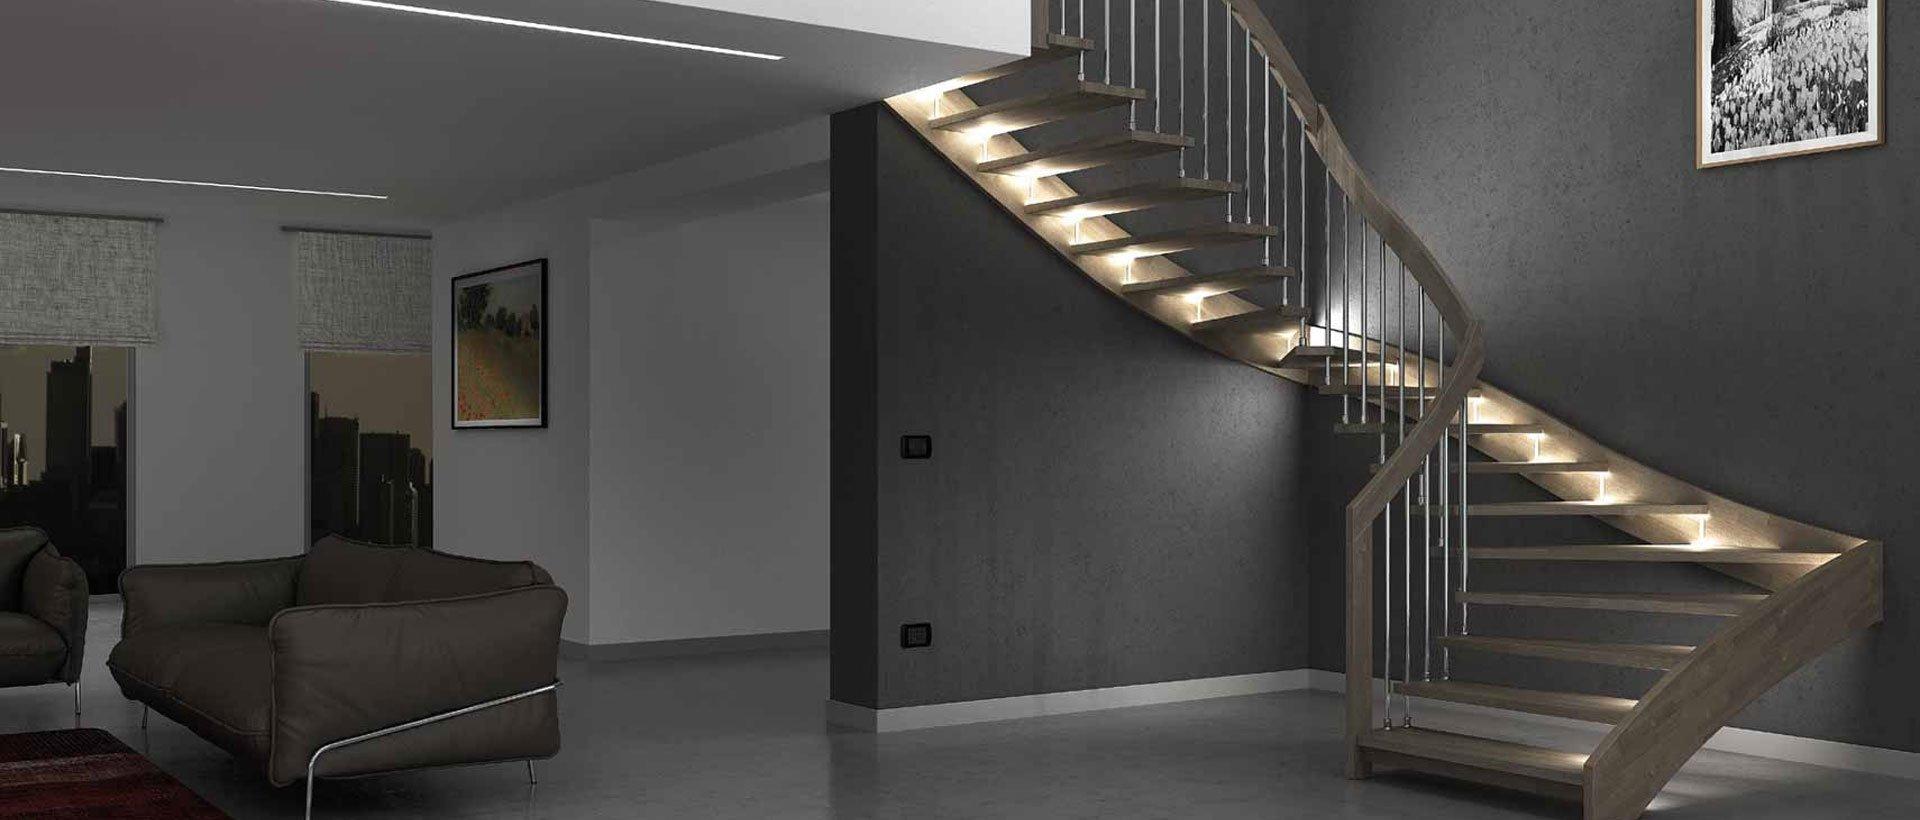 Mẫu cầu thang hiện đại đẹp